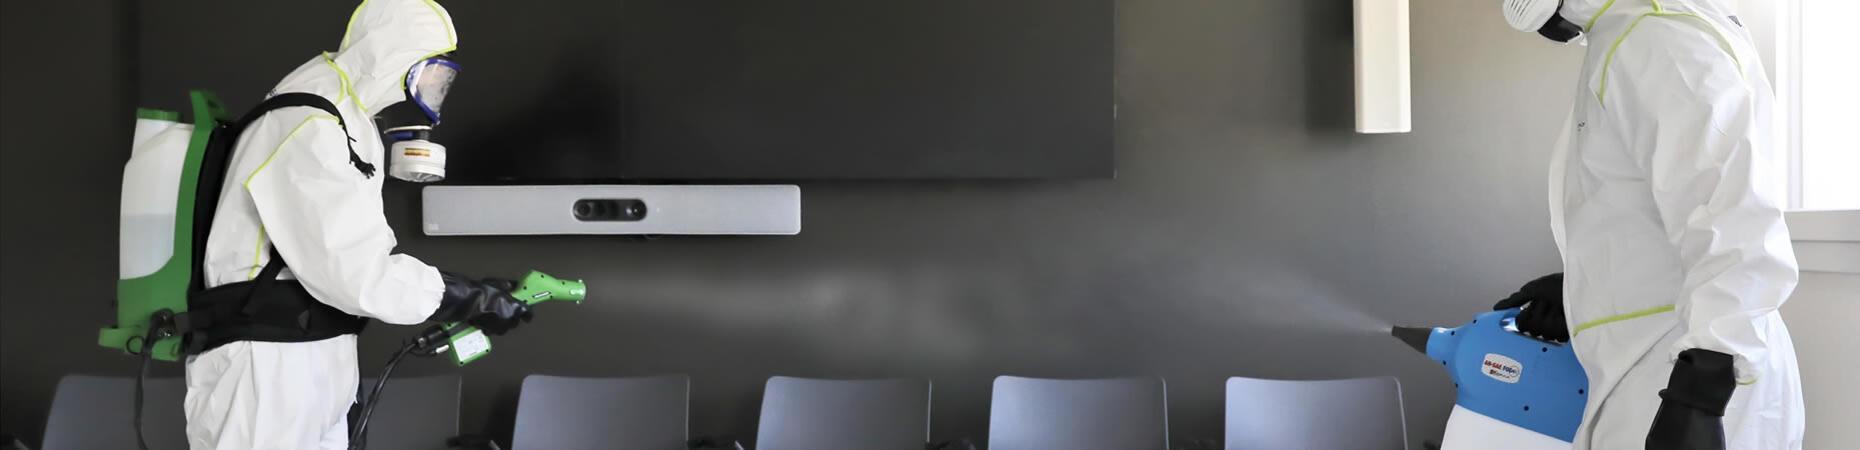 ecoservice-reggioemilia it sanificazione-aziende-reggio-emilia 005